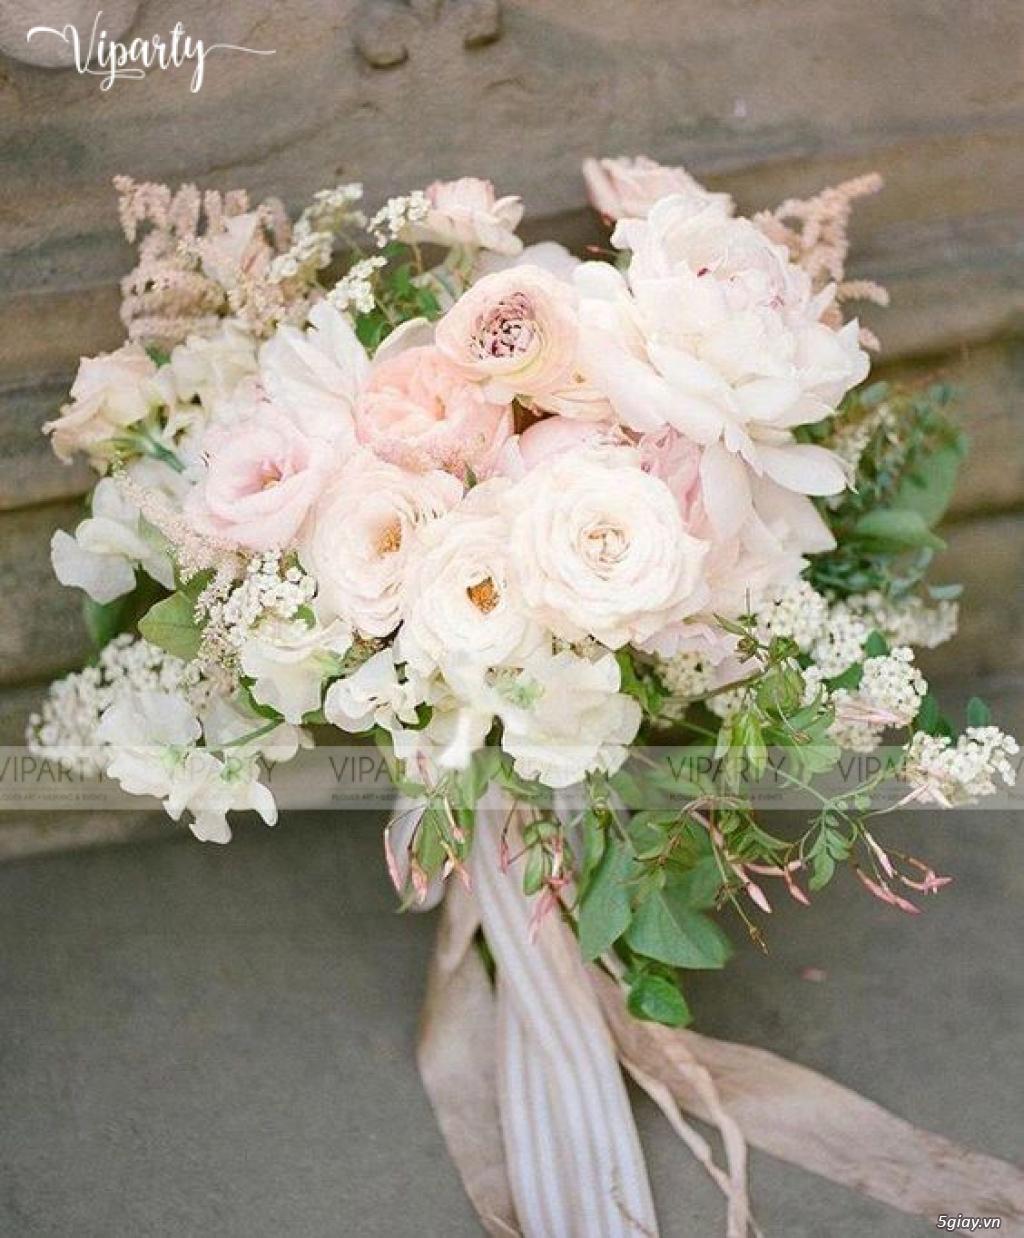 Chuyên cung cấp: Hoa cầm tay Cô Dâu & Hoa Sự Kiện : Wedding & Events - 22